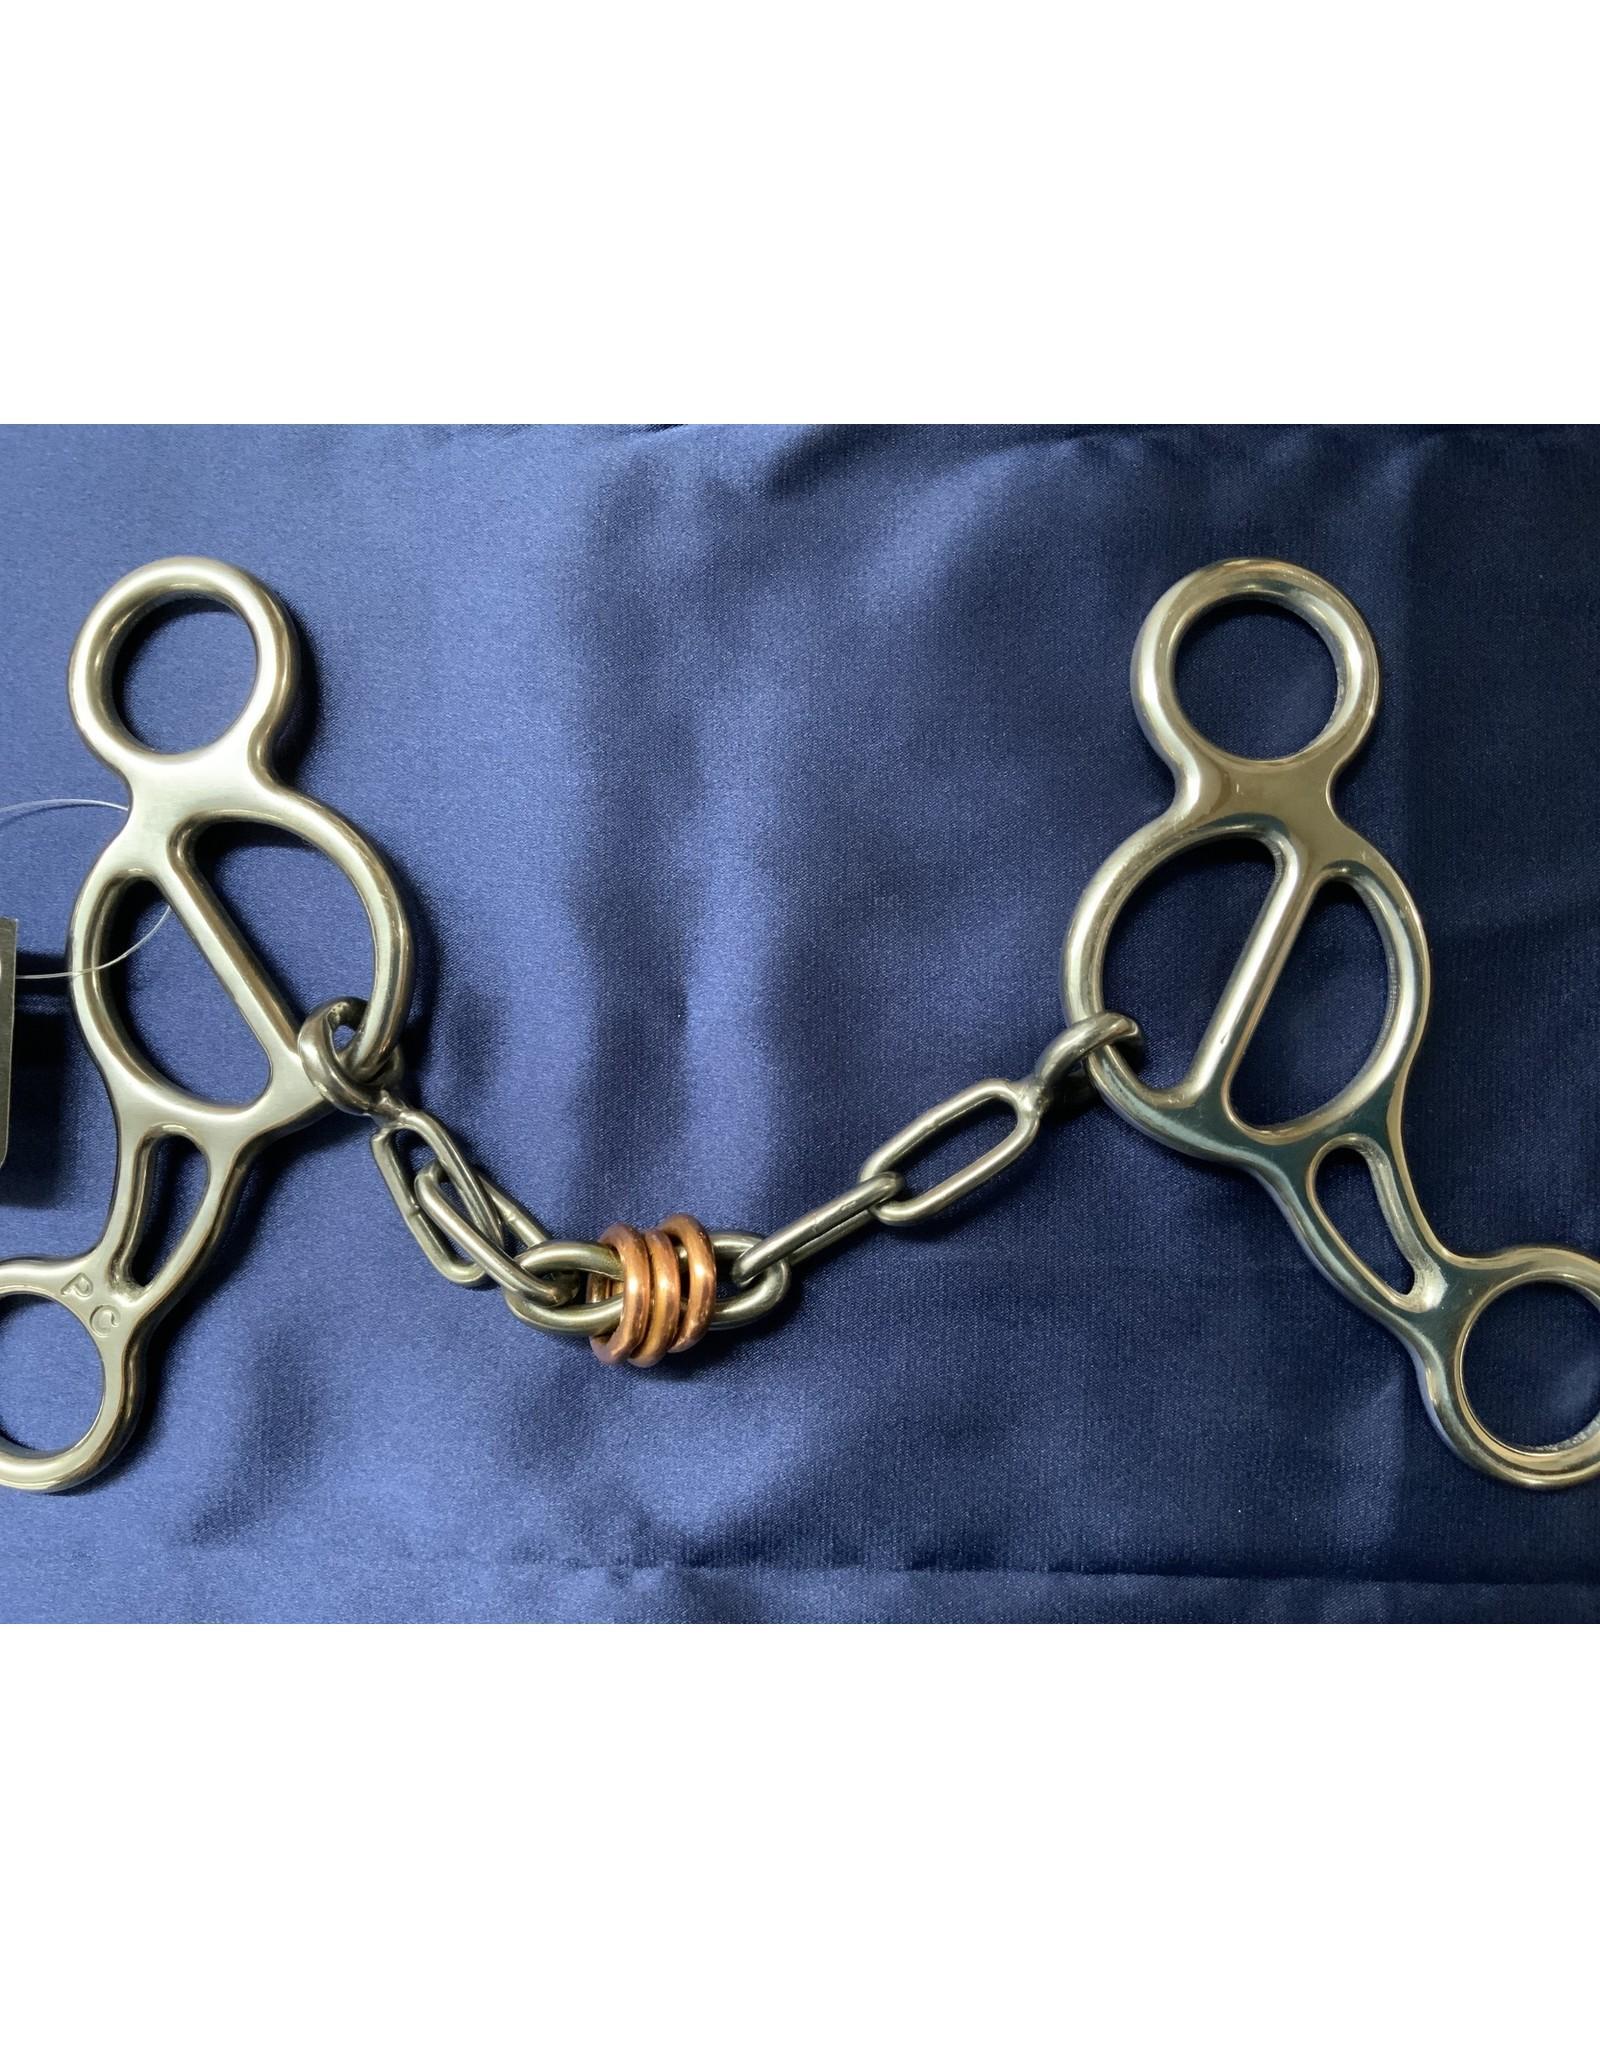 BIT* PC Shortshank Gag Chain w/Copper Roller PCB-94C